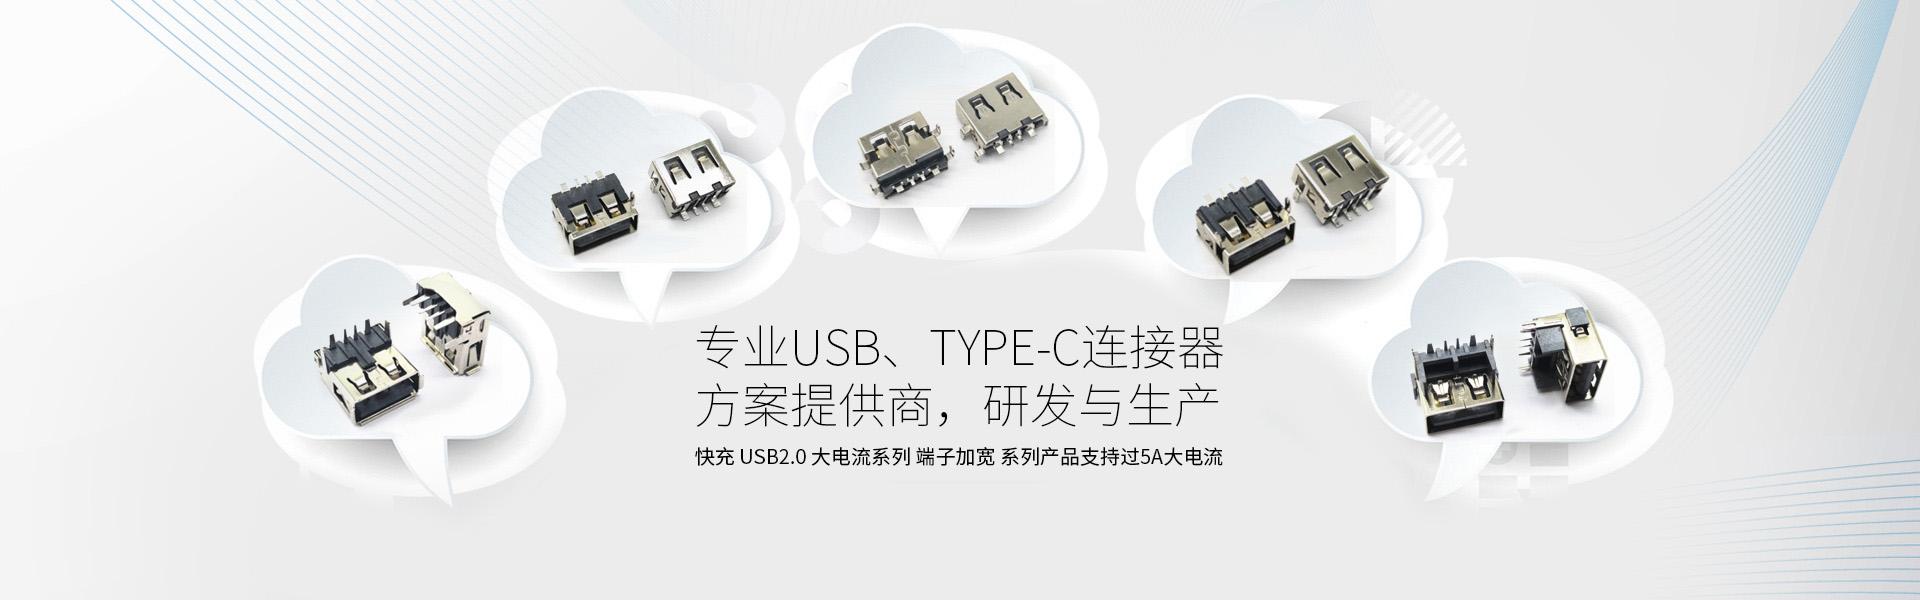 type-c母座,type-c厂家